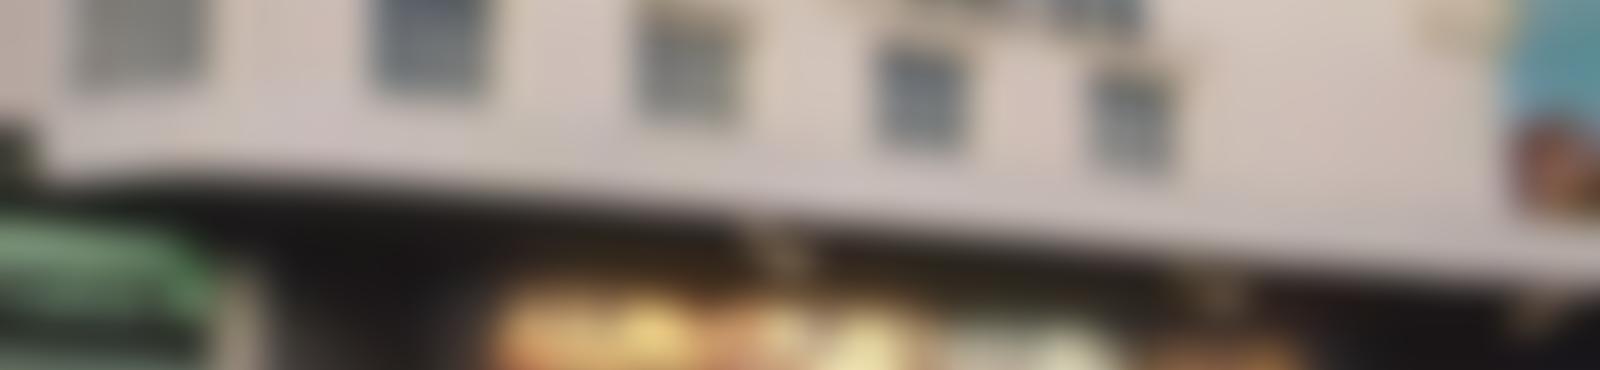 Blurred e42f9058 848d 486d ac04 5cb0eb0e3939